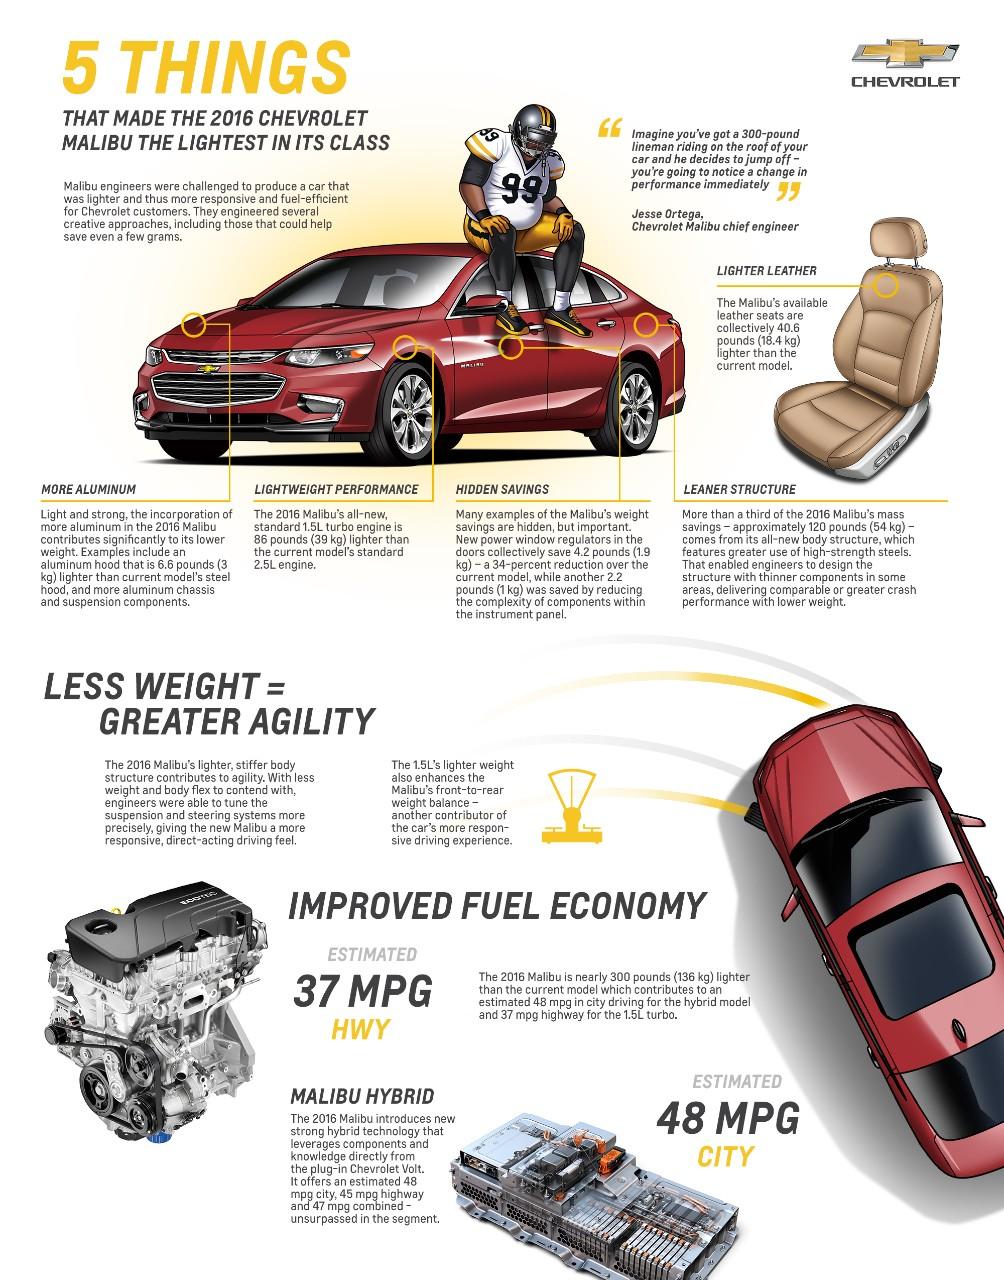 2016 Chevy Malibu weight infographic